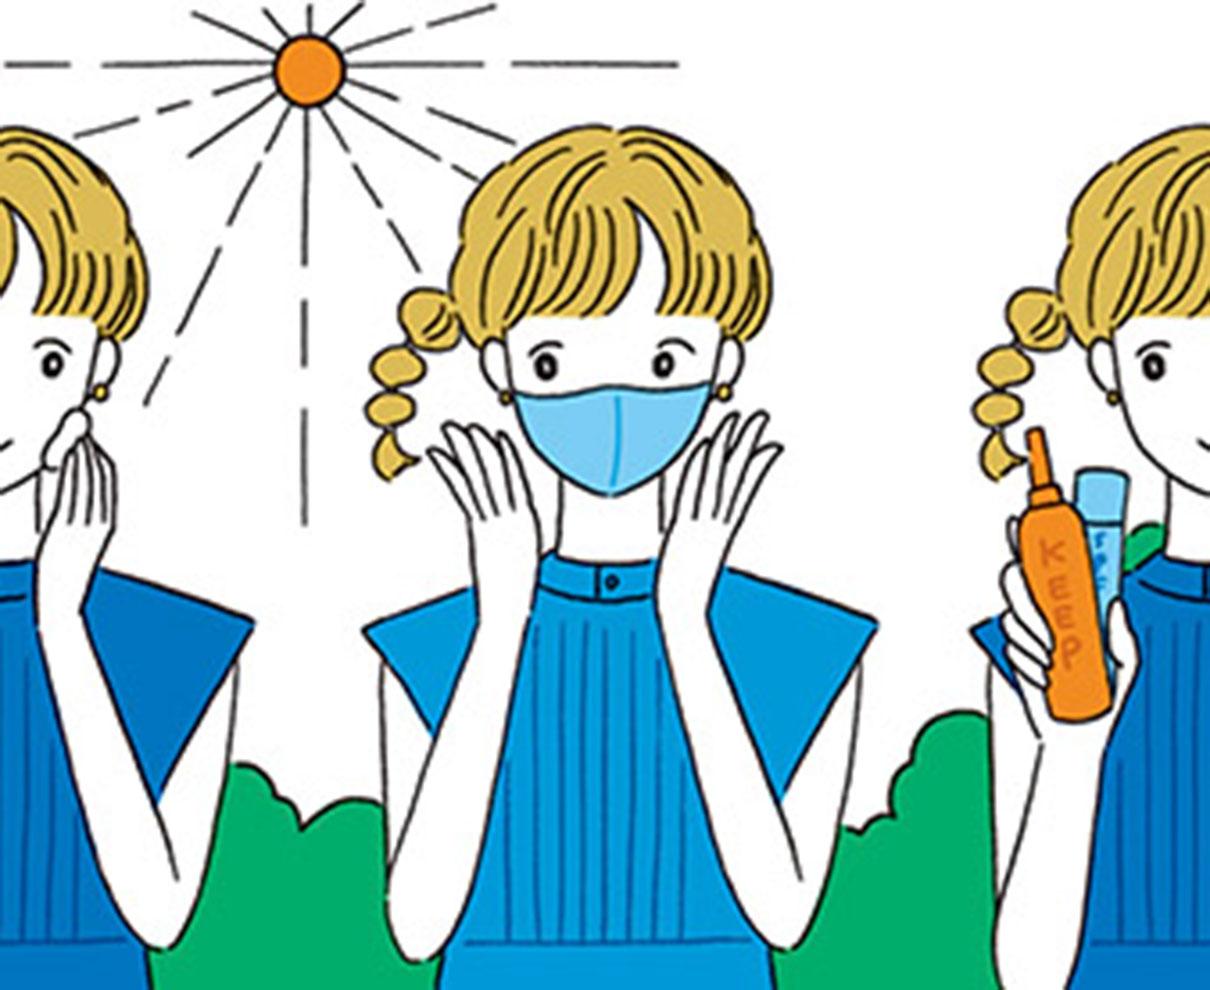 教えて! かずのすけ先生! 今年の夏もマスク着用必須! 日焼け対策の新常識とは?